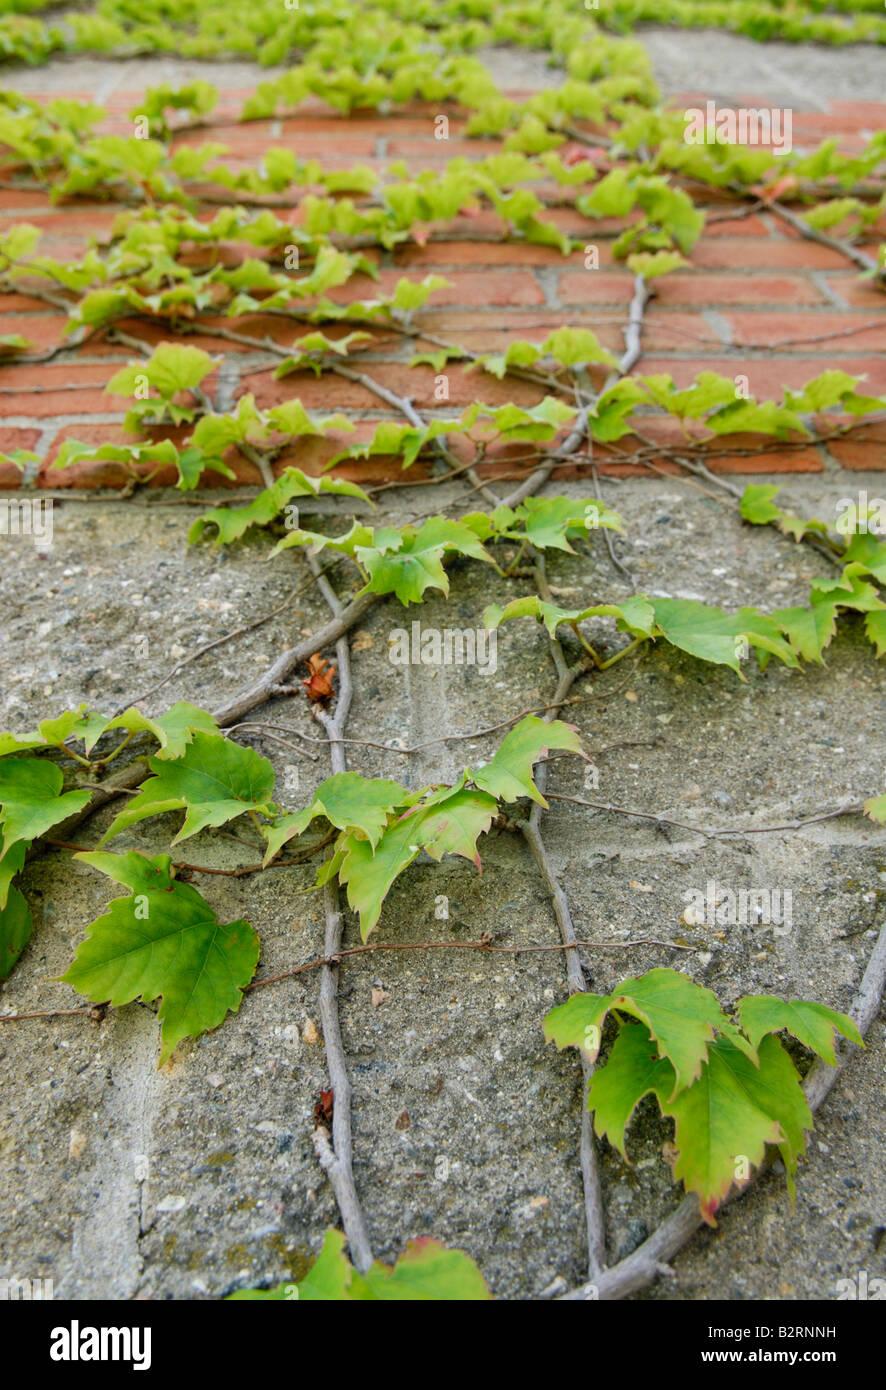 Japanische Schlingpflanze Parthenocissus Tricuspidata, thigmotropism Stockbild